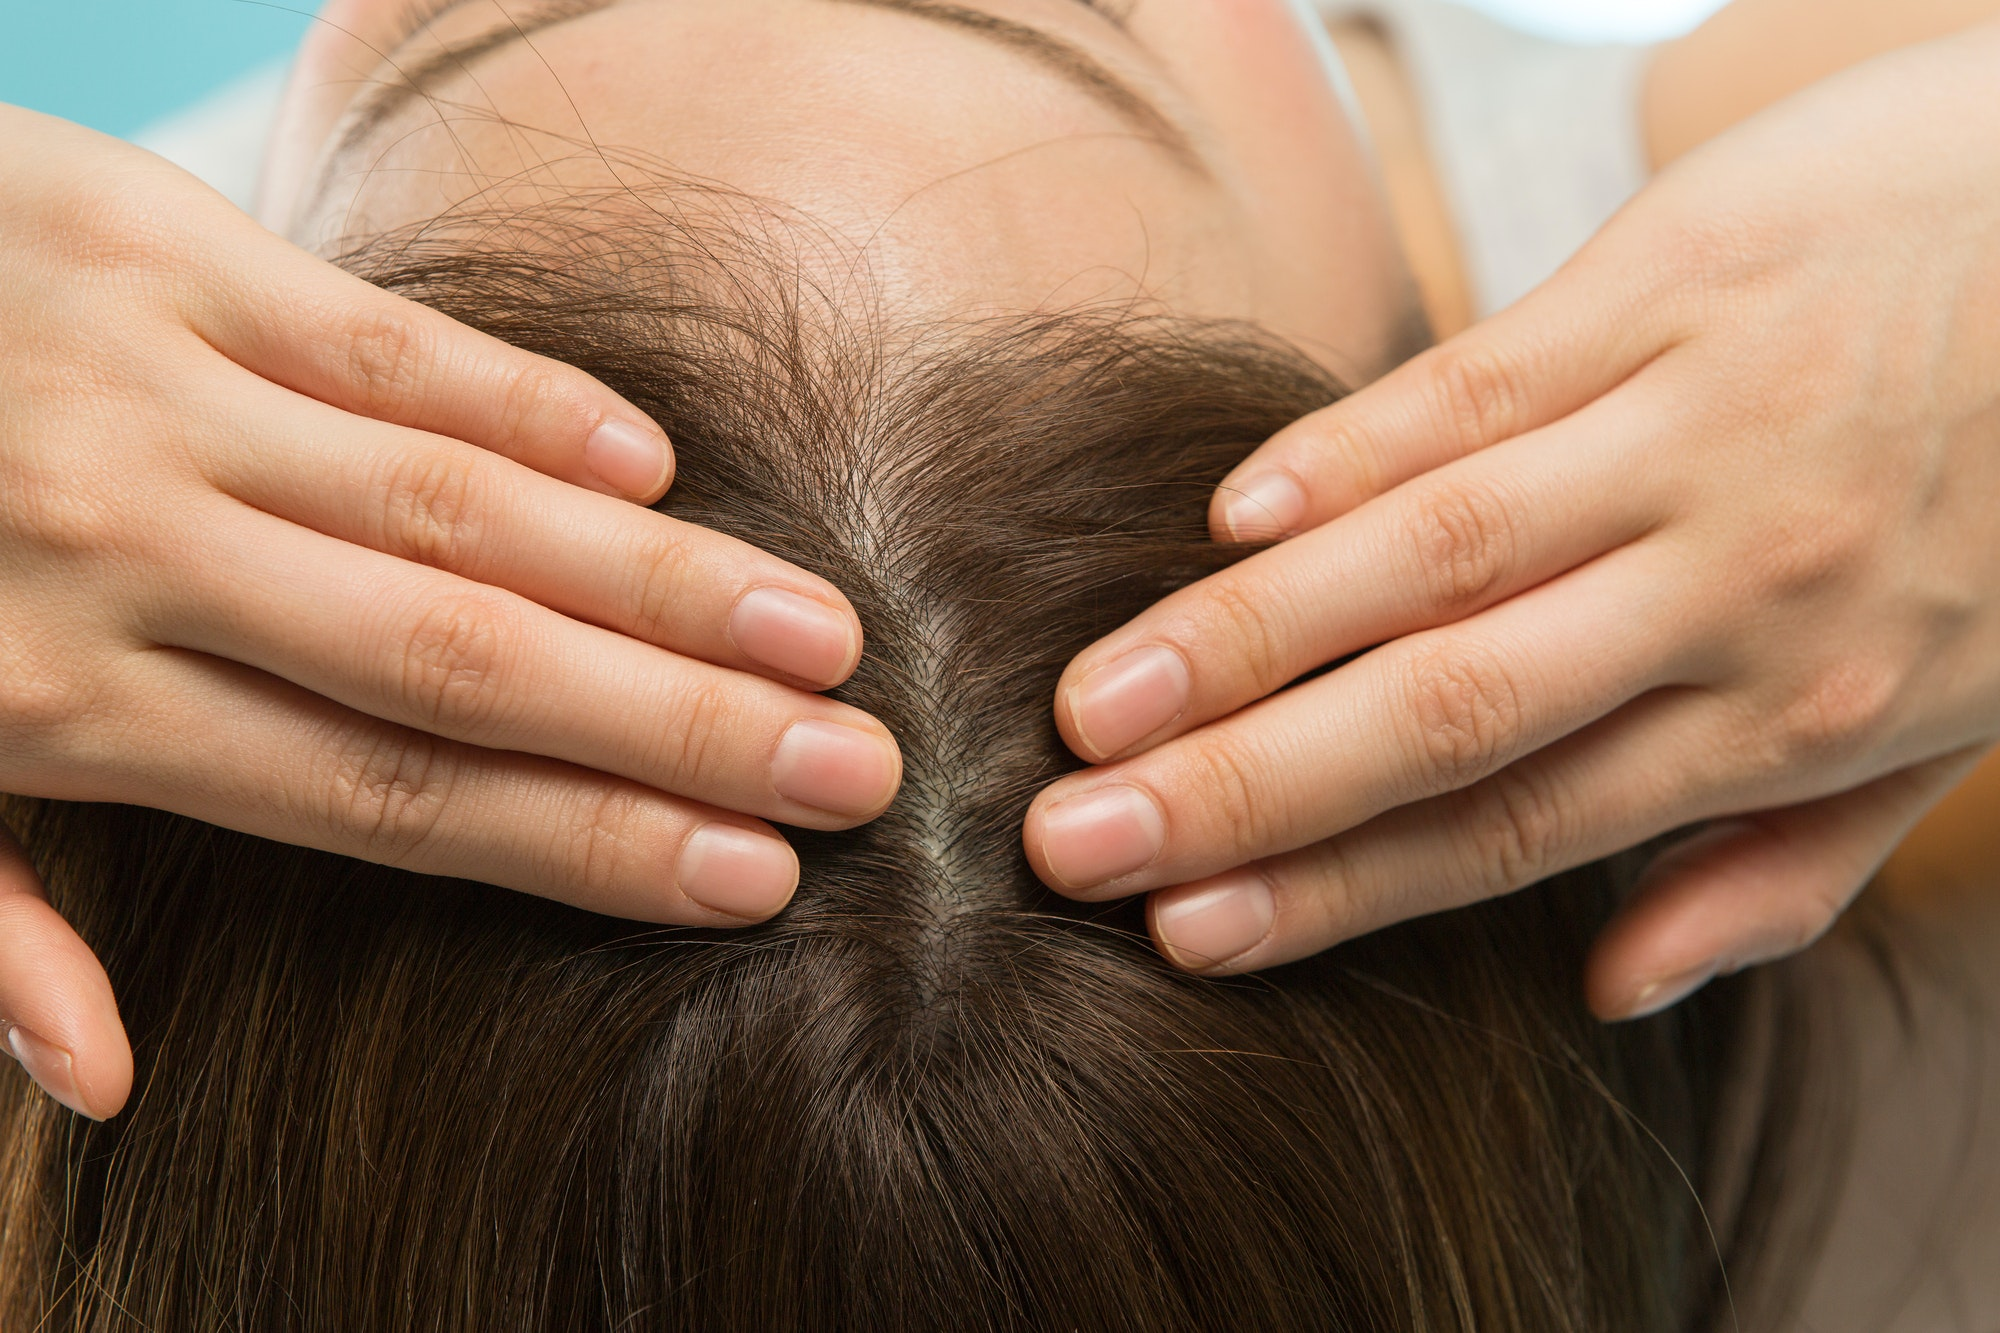 ミノキシジルは女性の薄毛治療にも有効?期待できる効果と注意点